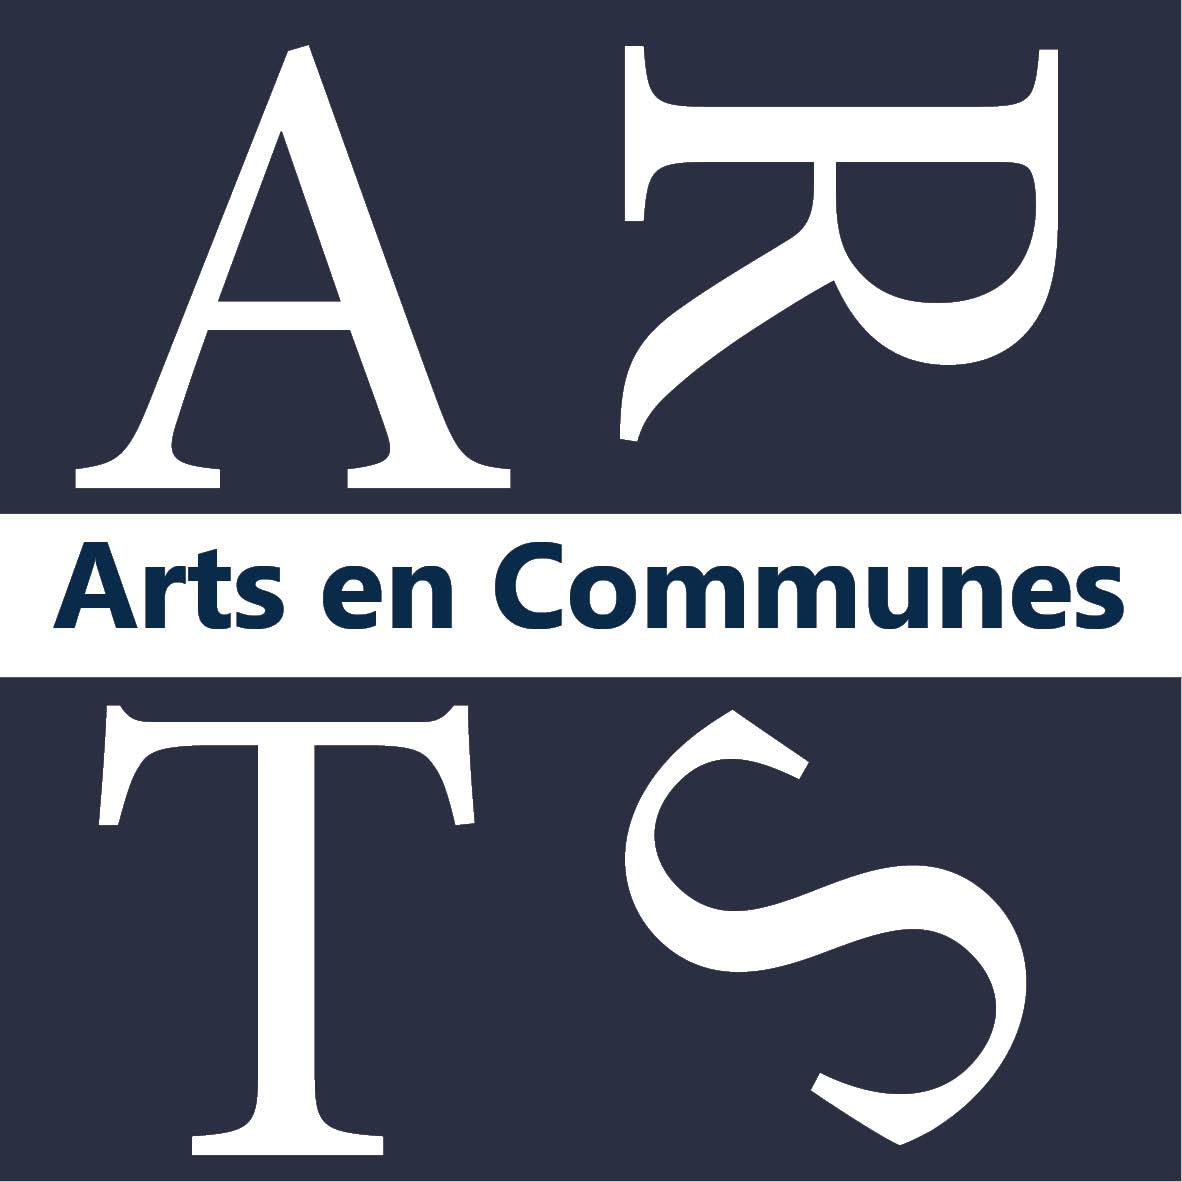 Arts en Communes